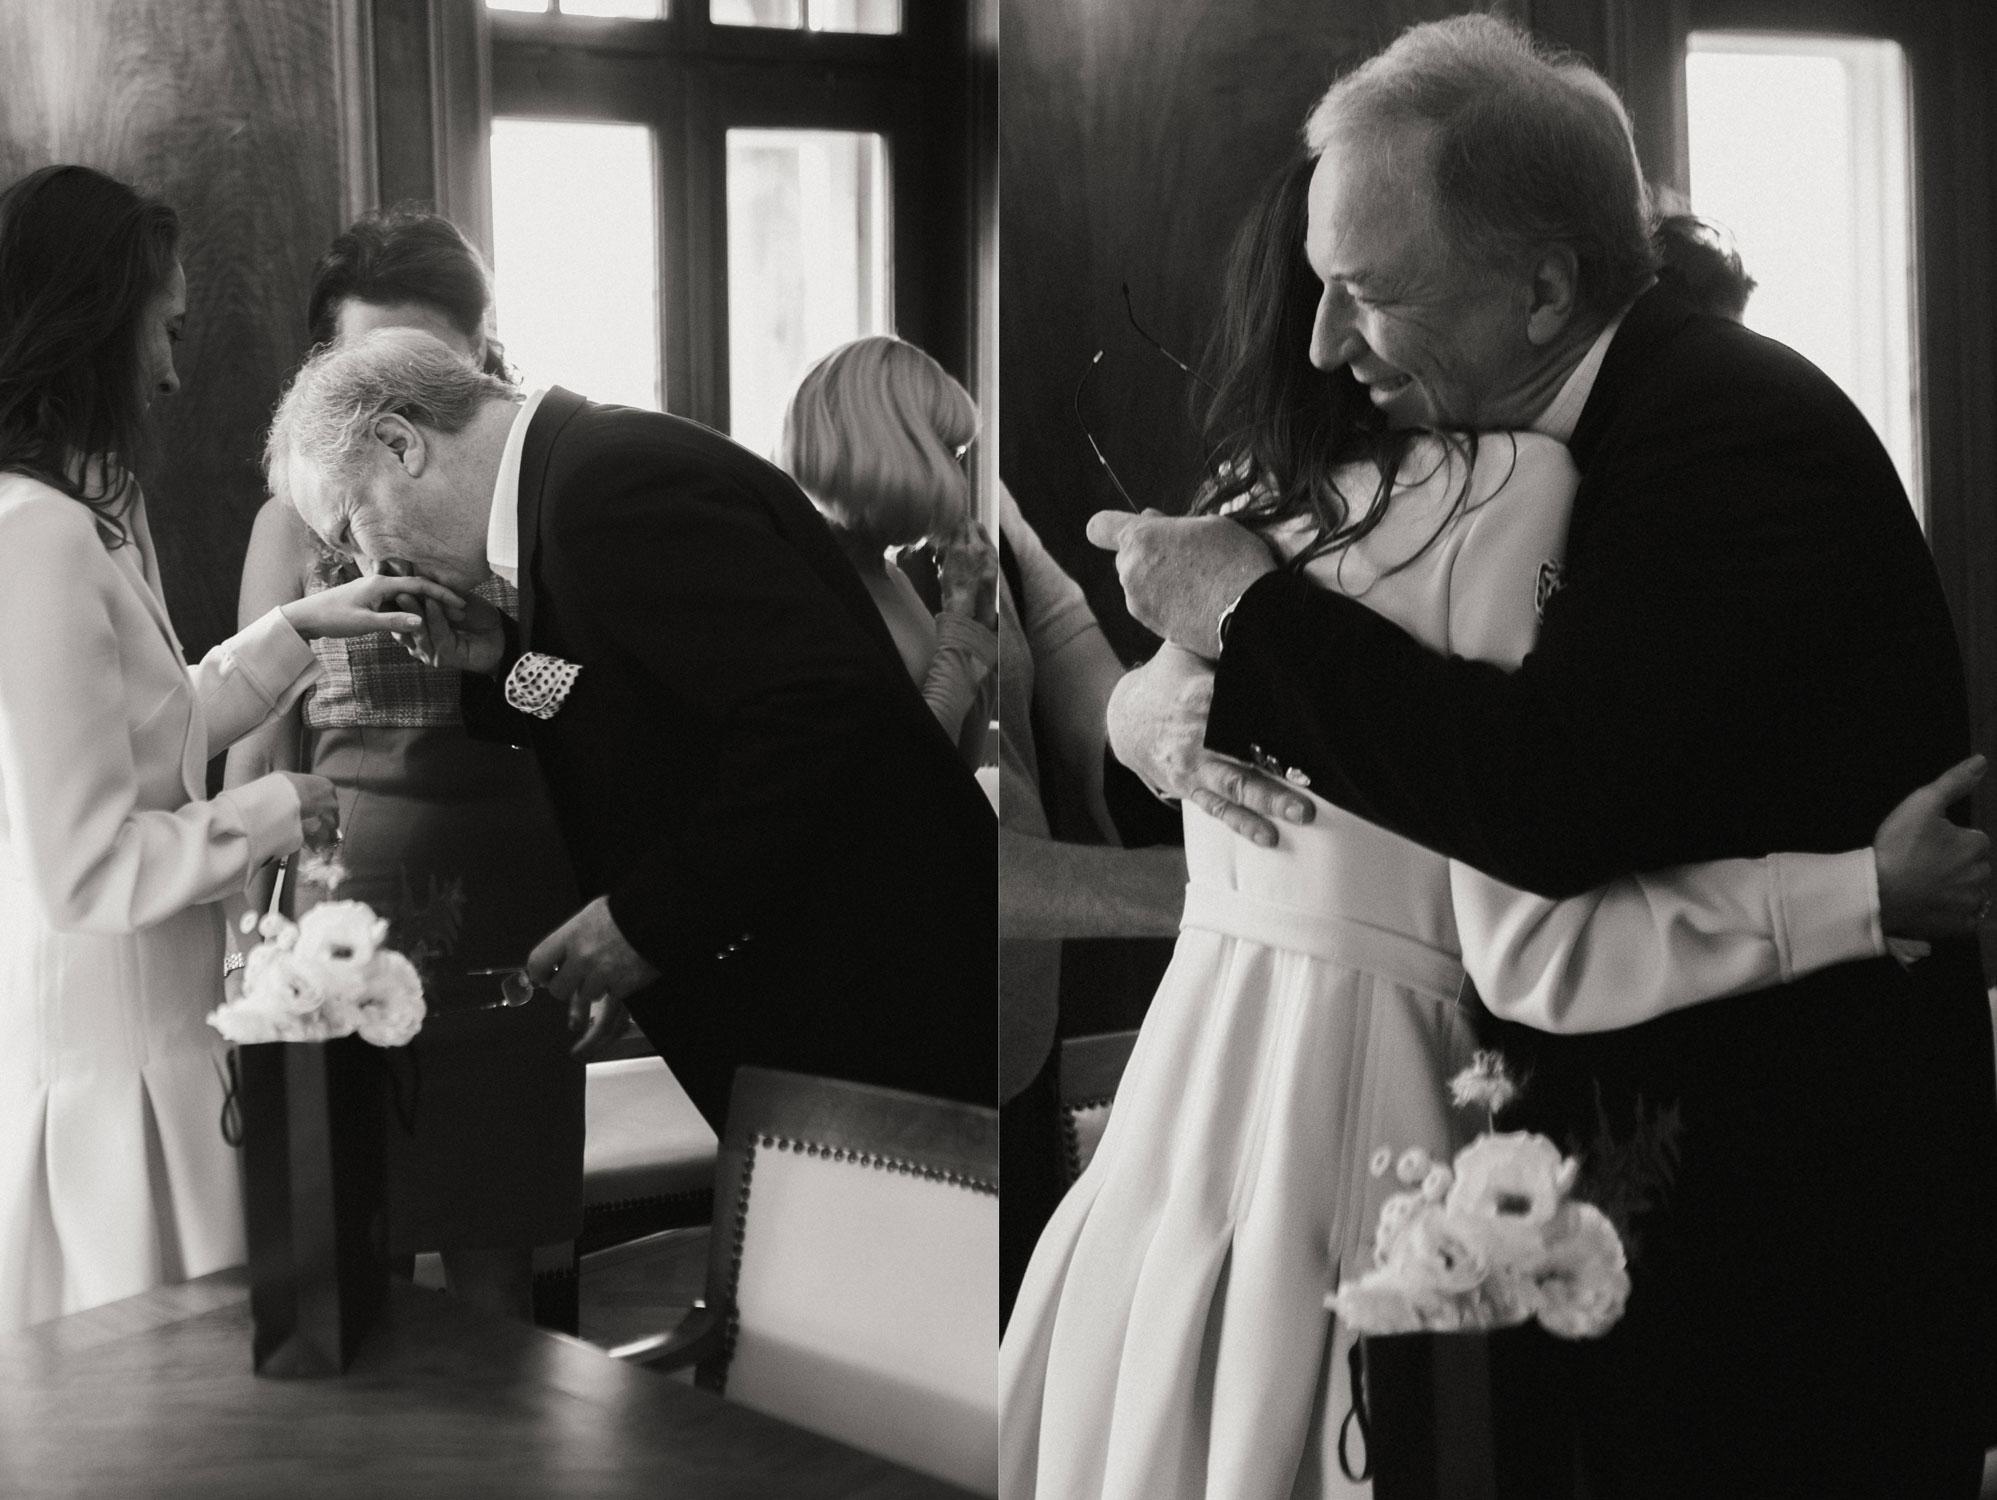 wedding_villa_meier_severini_017.jpg